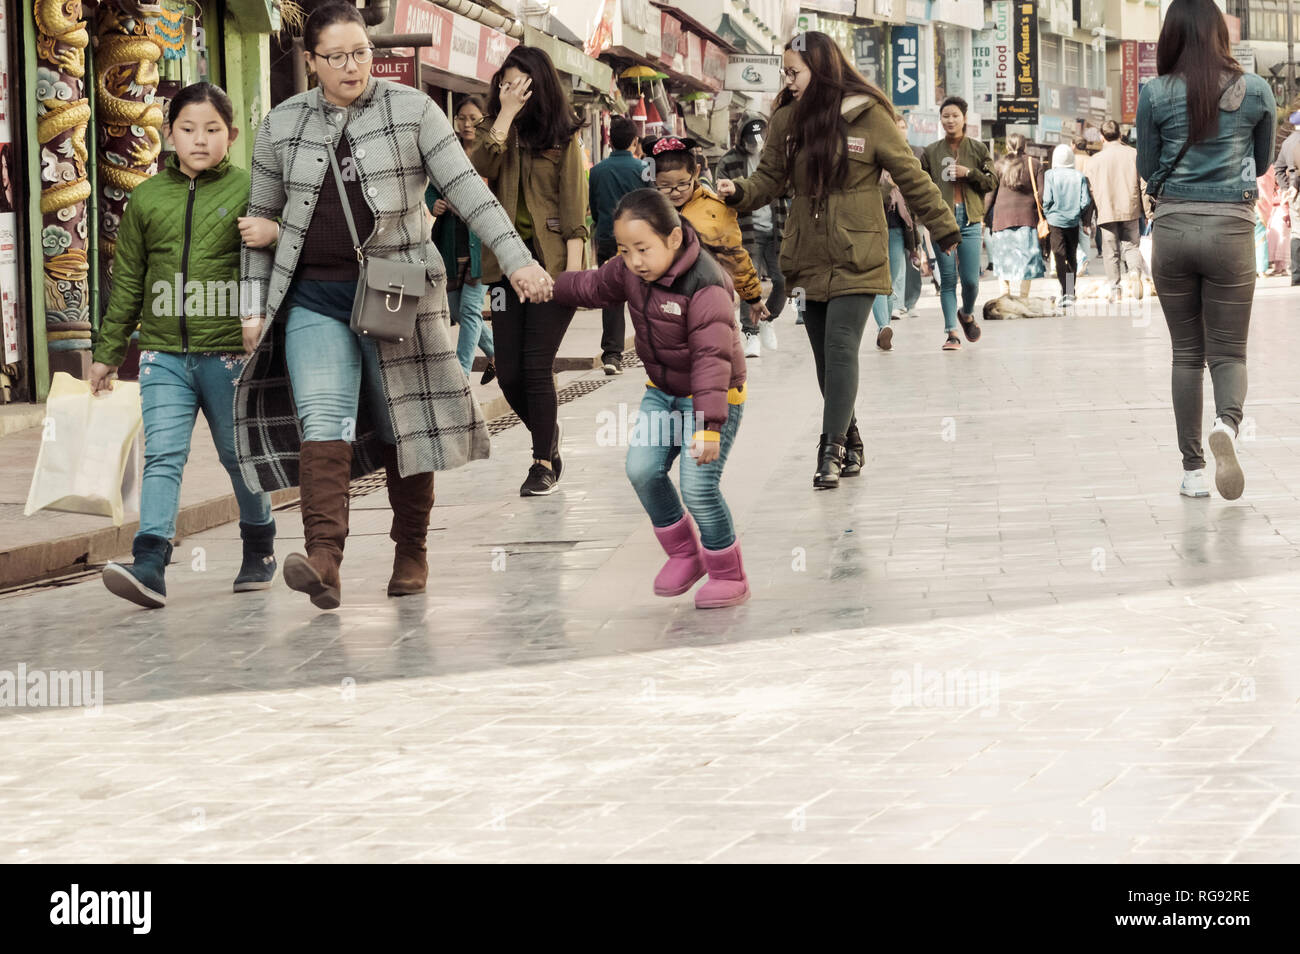 MG Marg Gangtok Sikkim India Dicembre, 26, 2018: persone facendo una passeggiata su vacanze di natale nella trafficata MG Marg street. Messa a fuoco selettiva. Immagini Stock